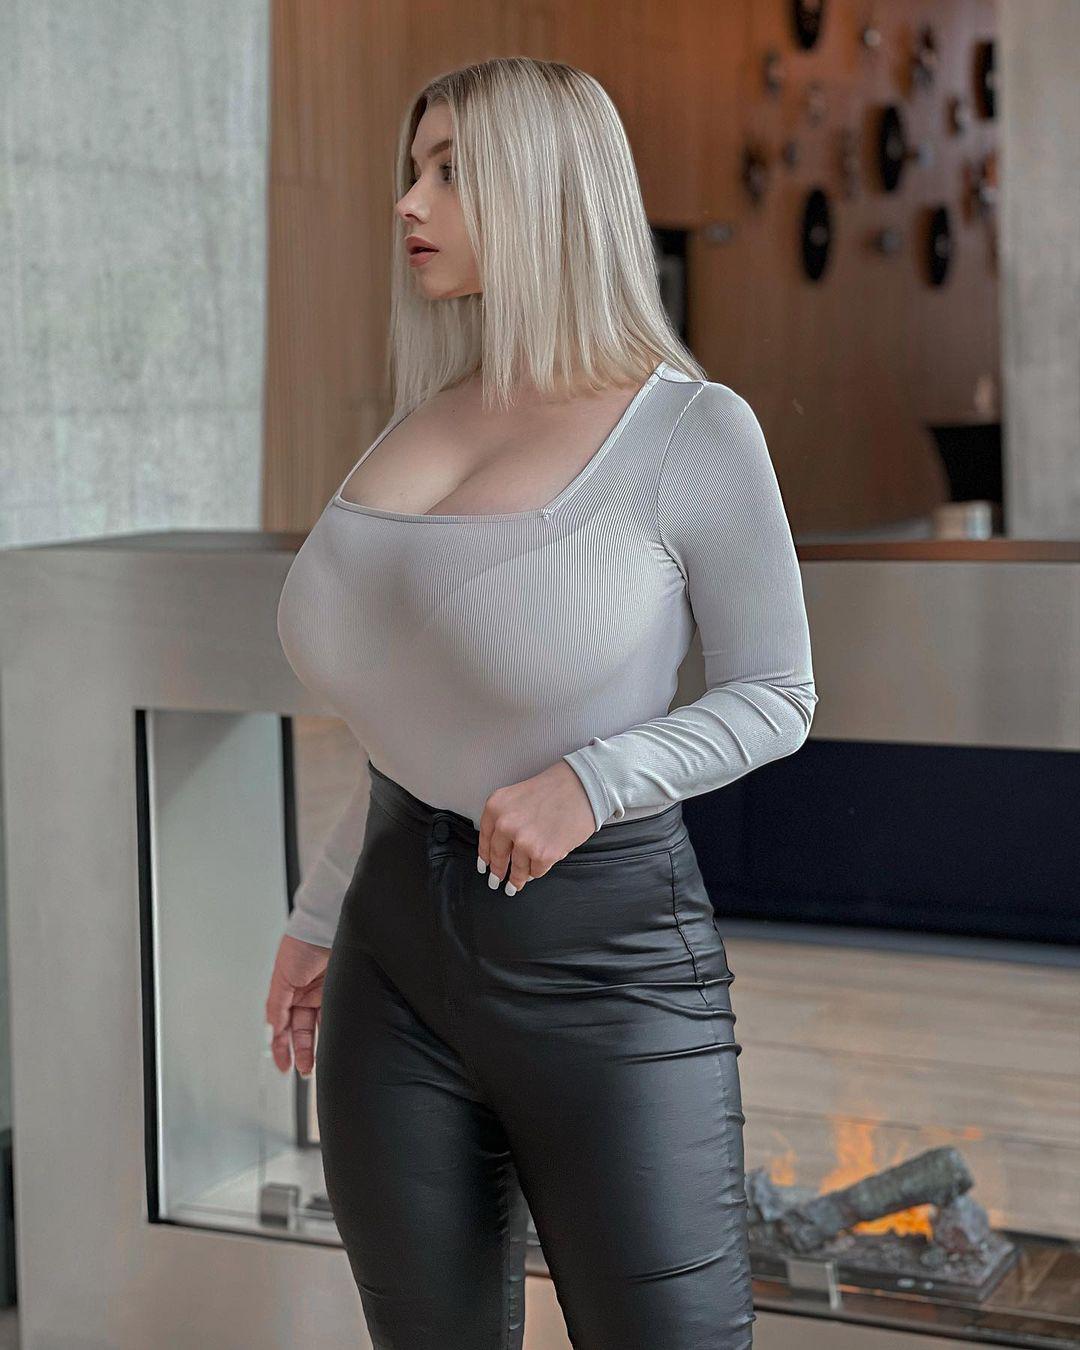 Прасковья Позднякова (Pasha Pozdniakova) - финская красотка с огромной грудью 20